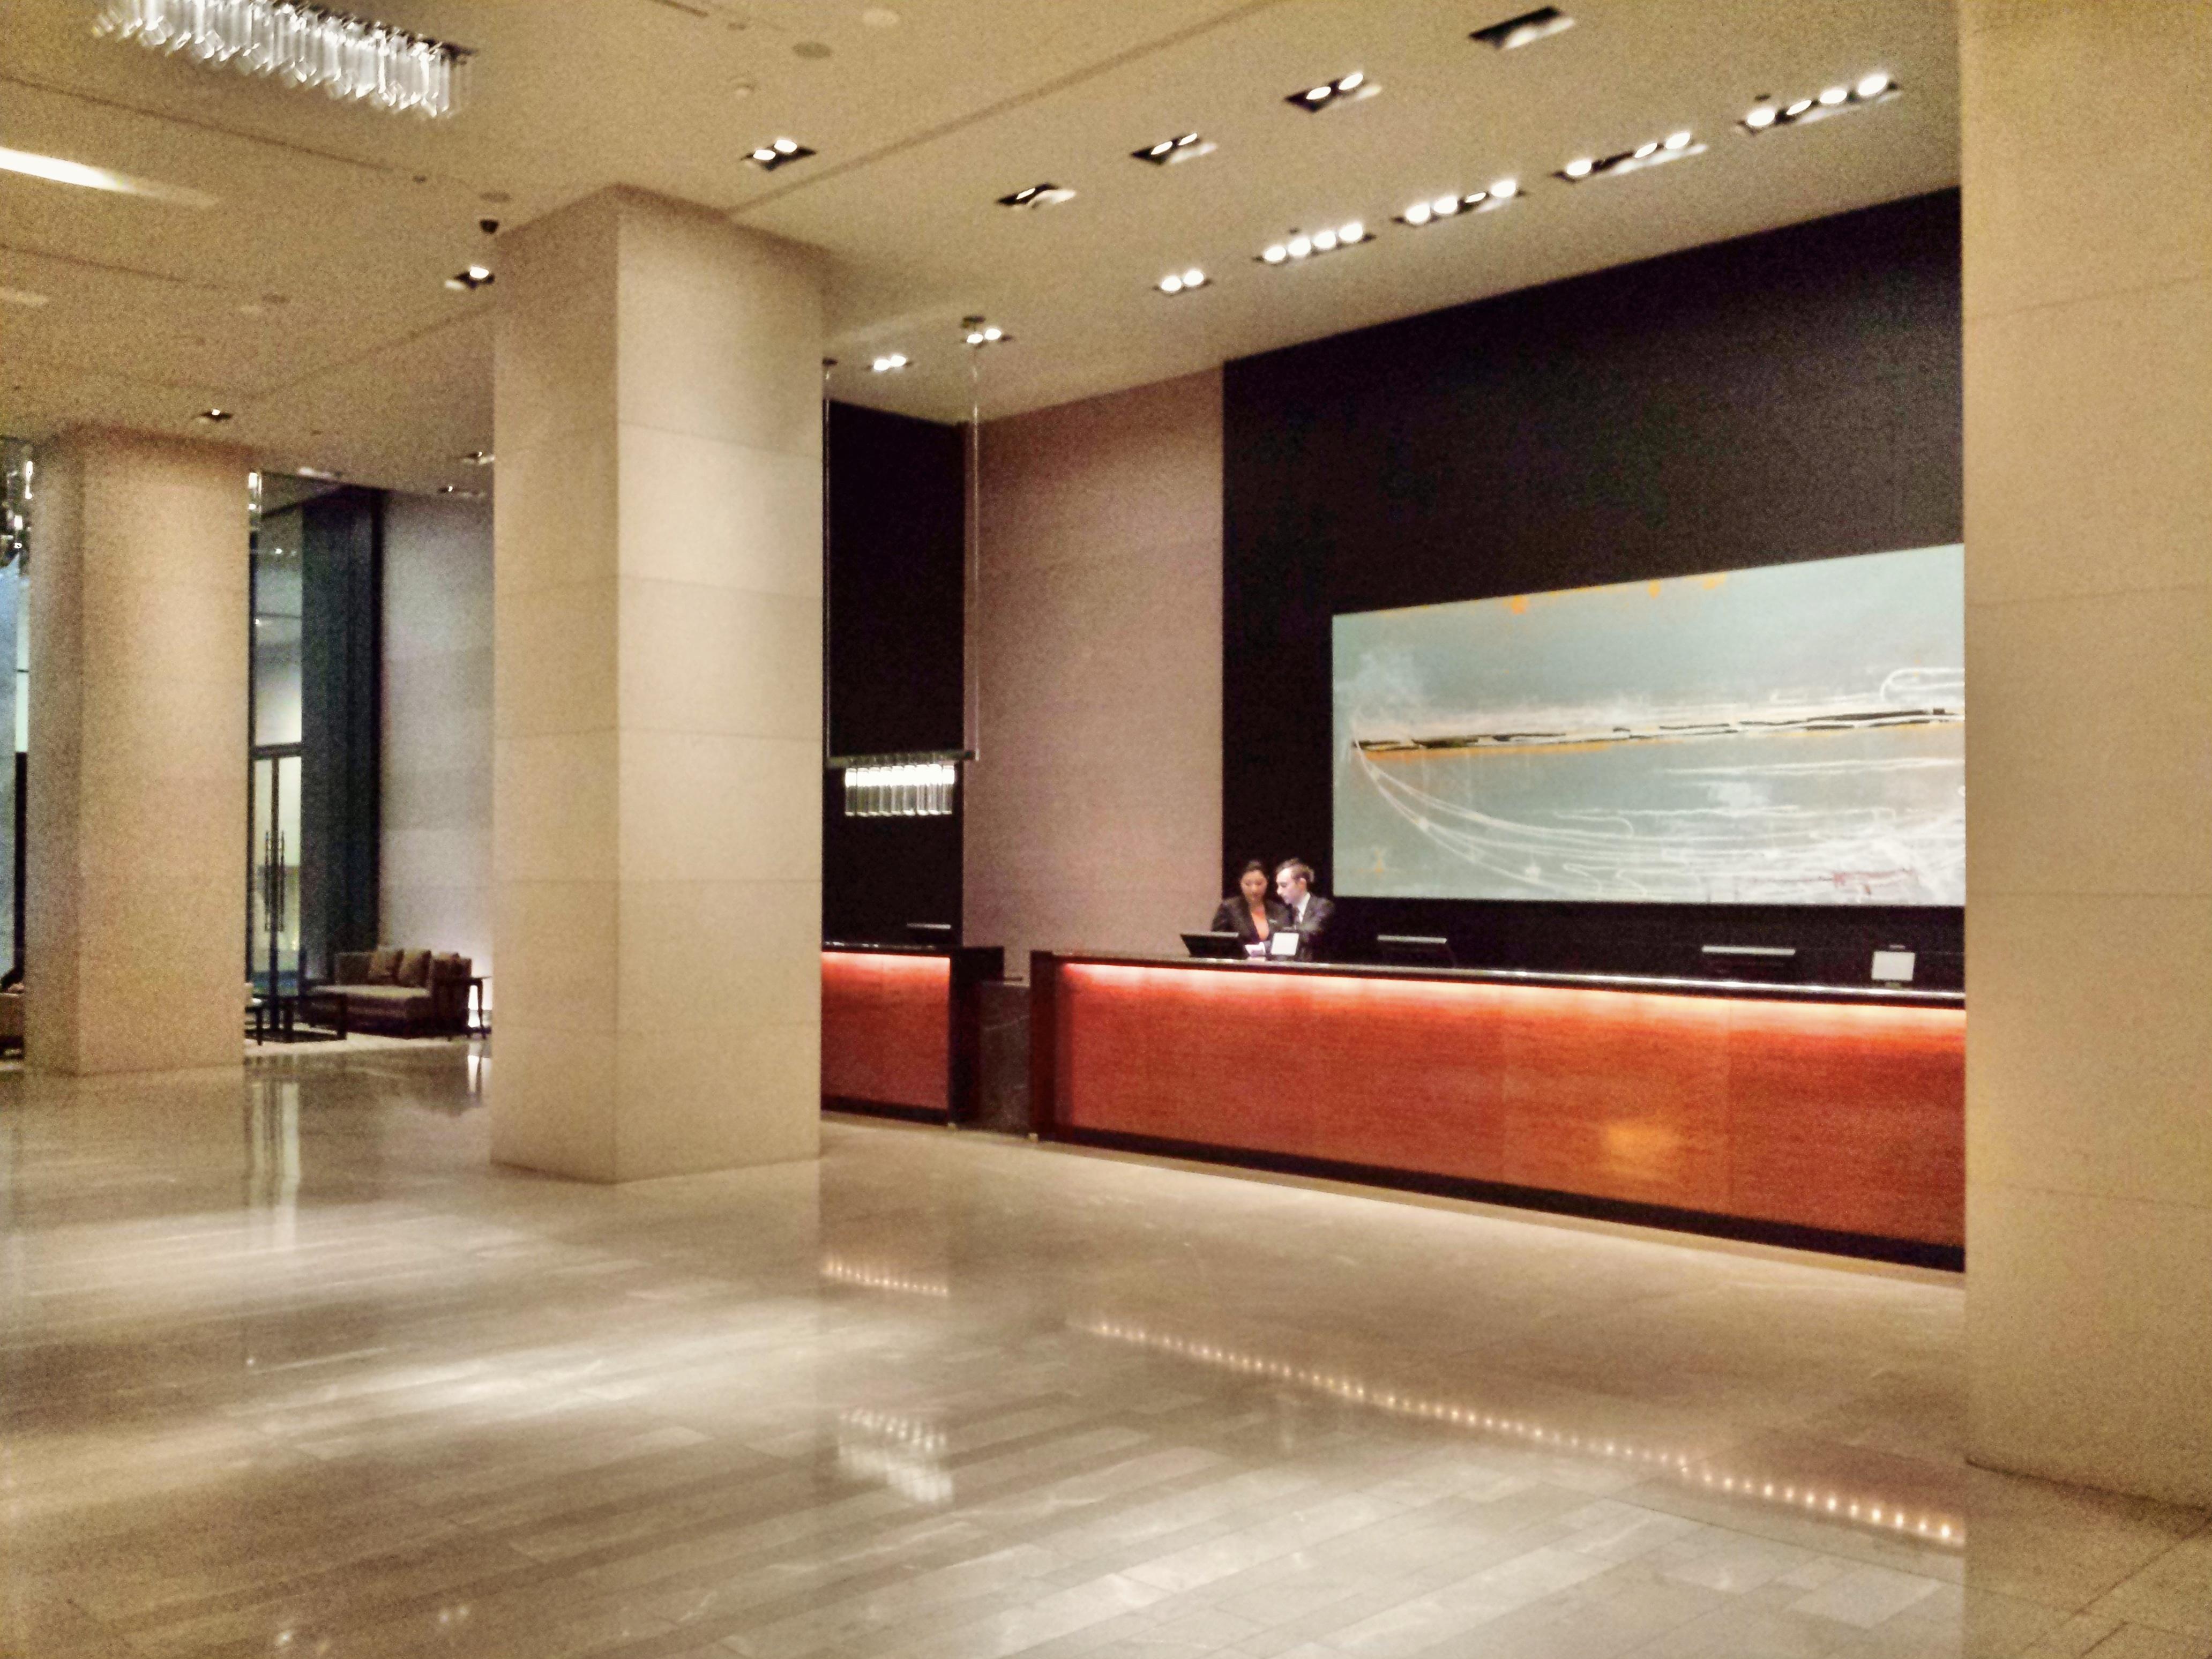 Grand Hyatt Melbourne Foyer : Grand hyatt melbourne lobby multiply divide